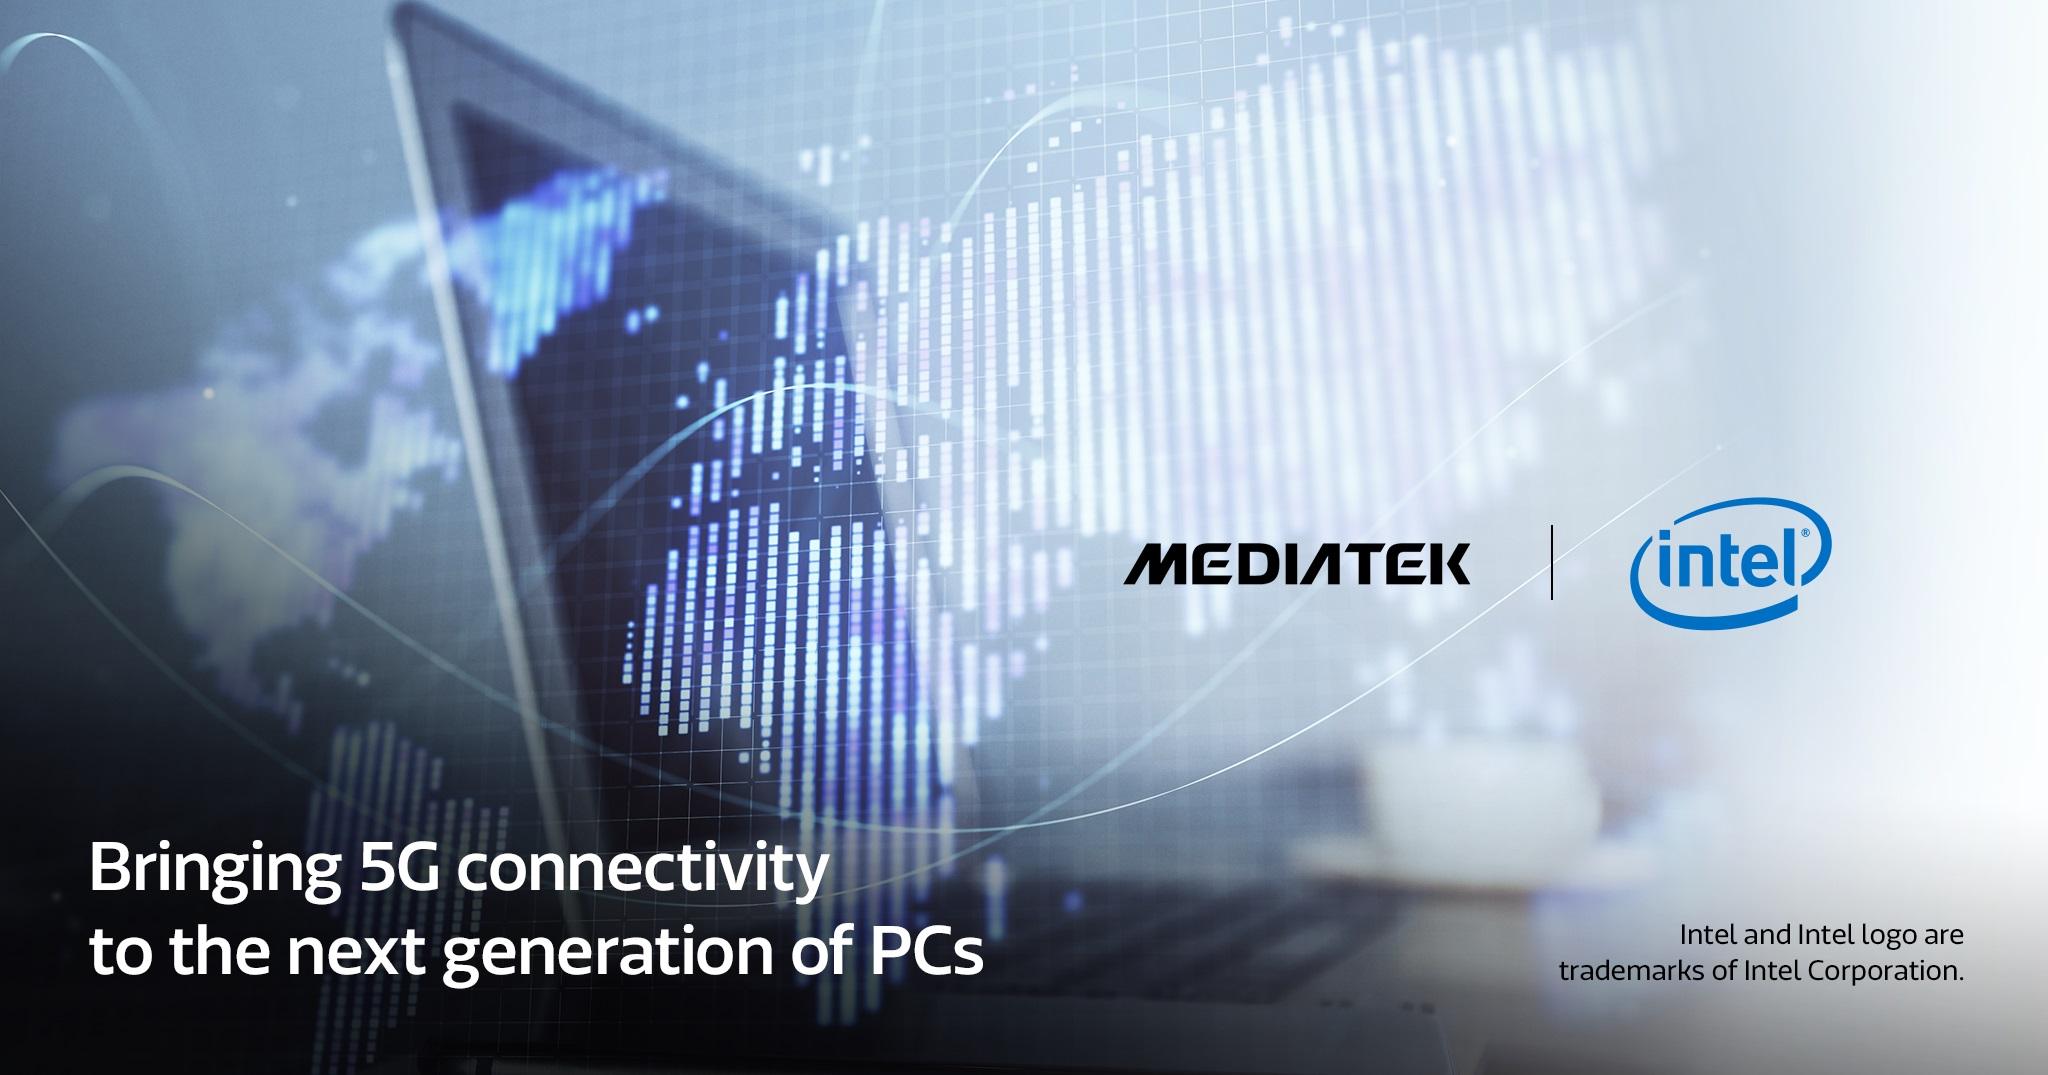 聯發科與 Intel 合作,明年將發表 5G 筆電、搭載 T700 5G 晶片